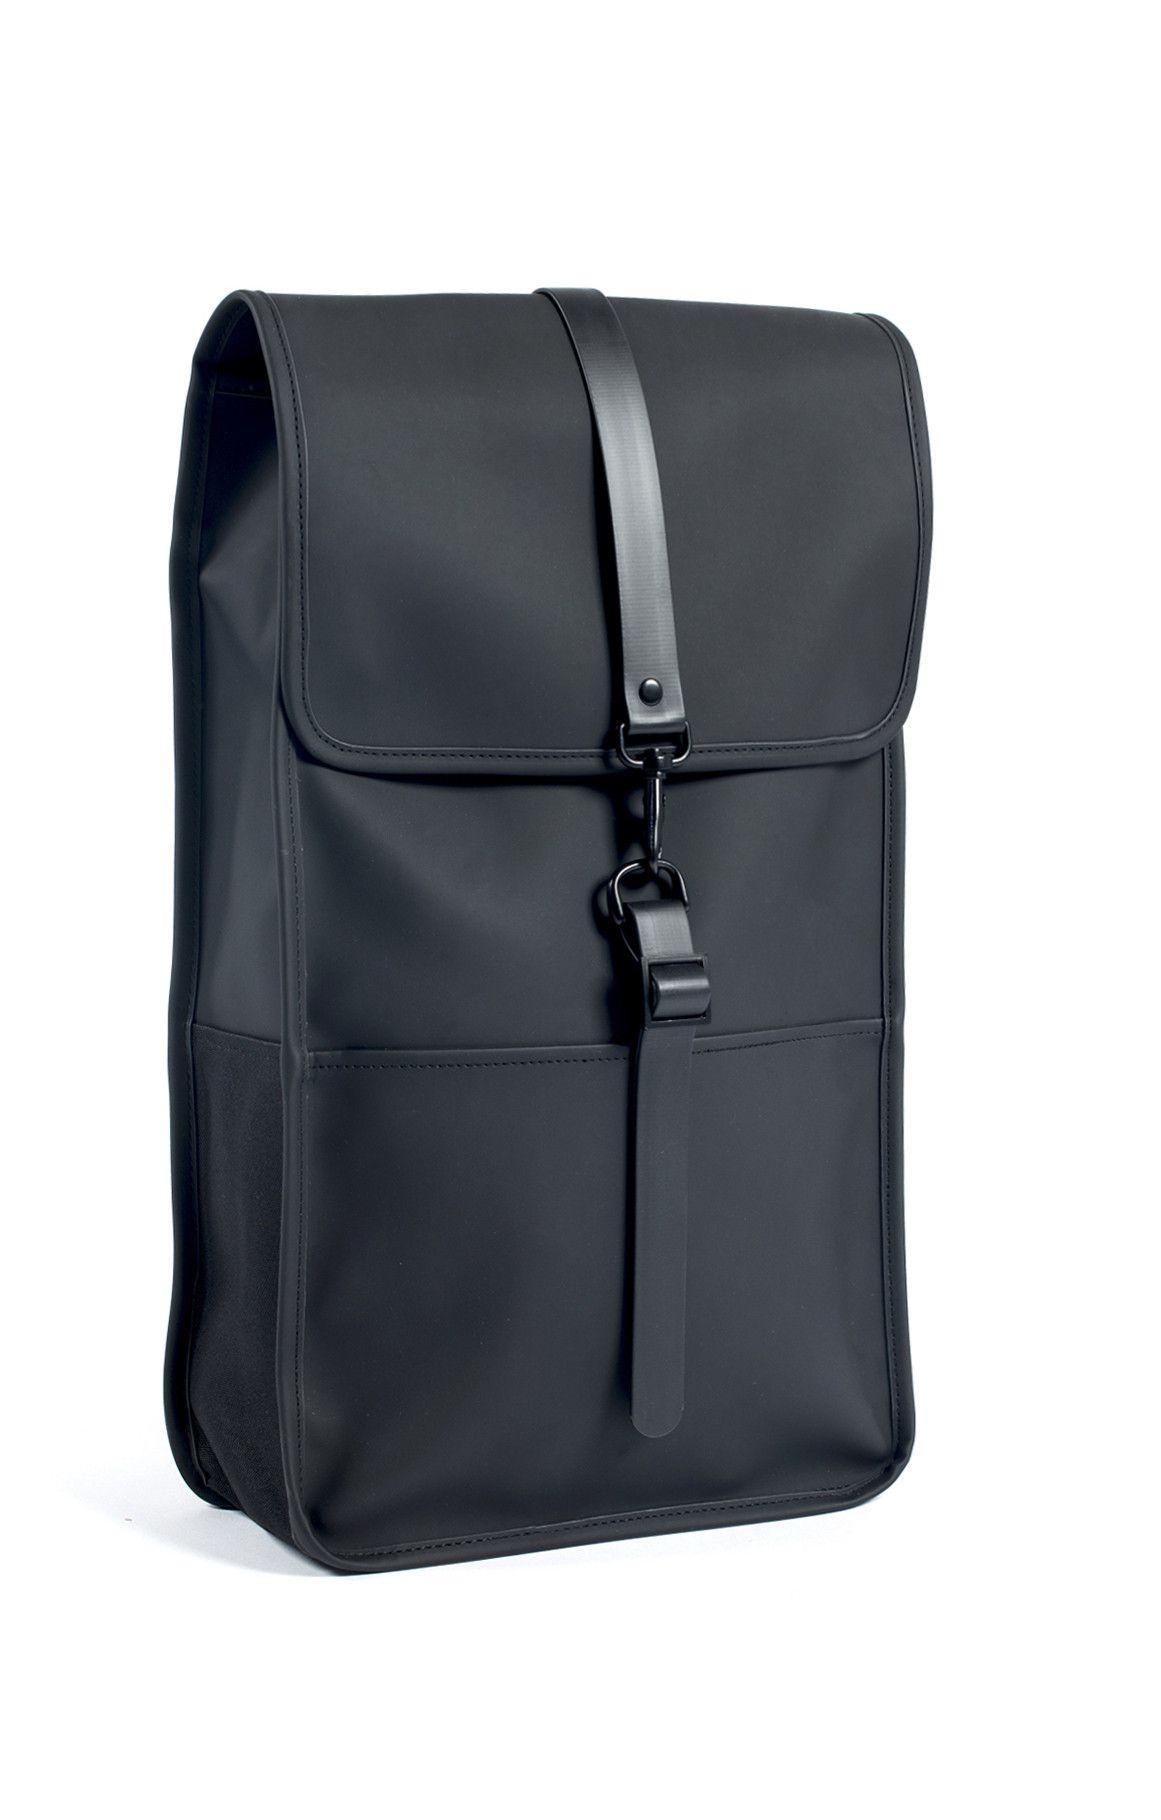 b02b8a8c46 Backpack - Black